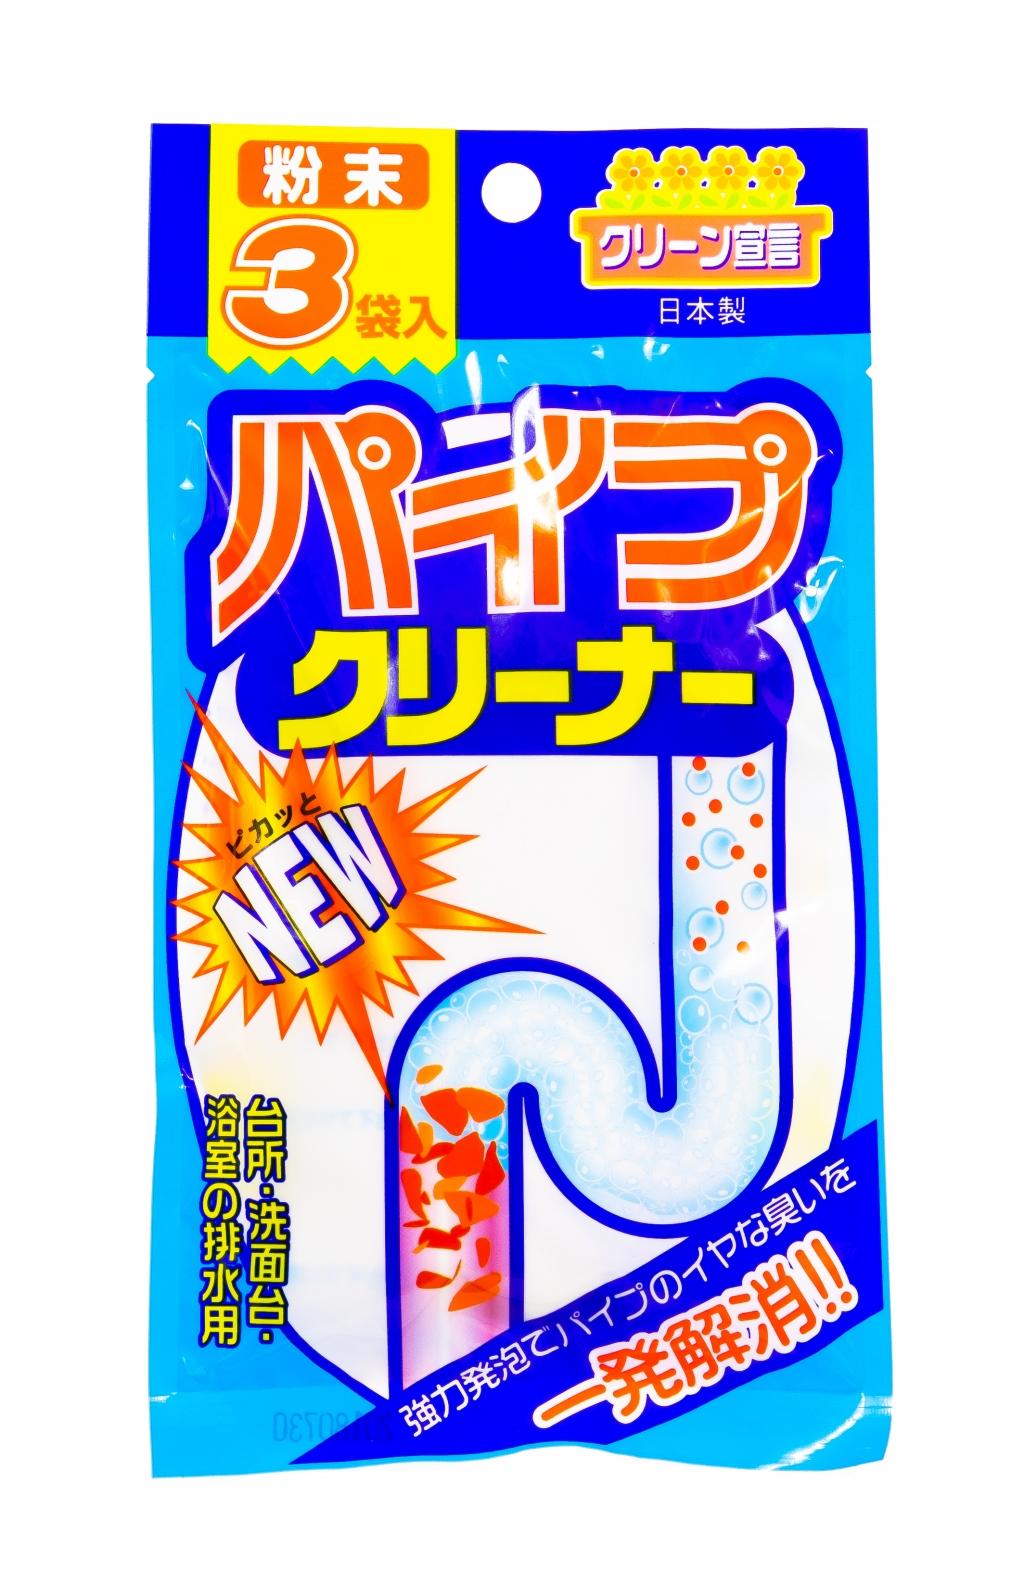 Nagara Порошок для чистки труб, 3 шт по 20 г (Nagara, Бытовая химия)